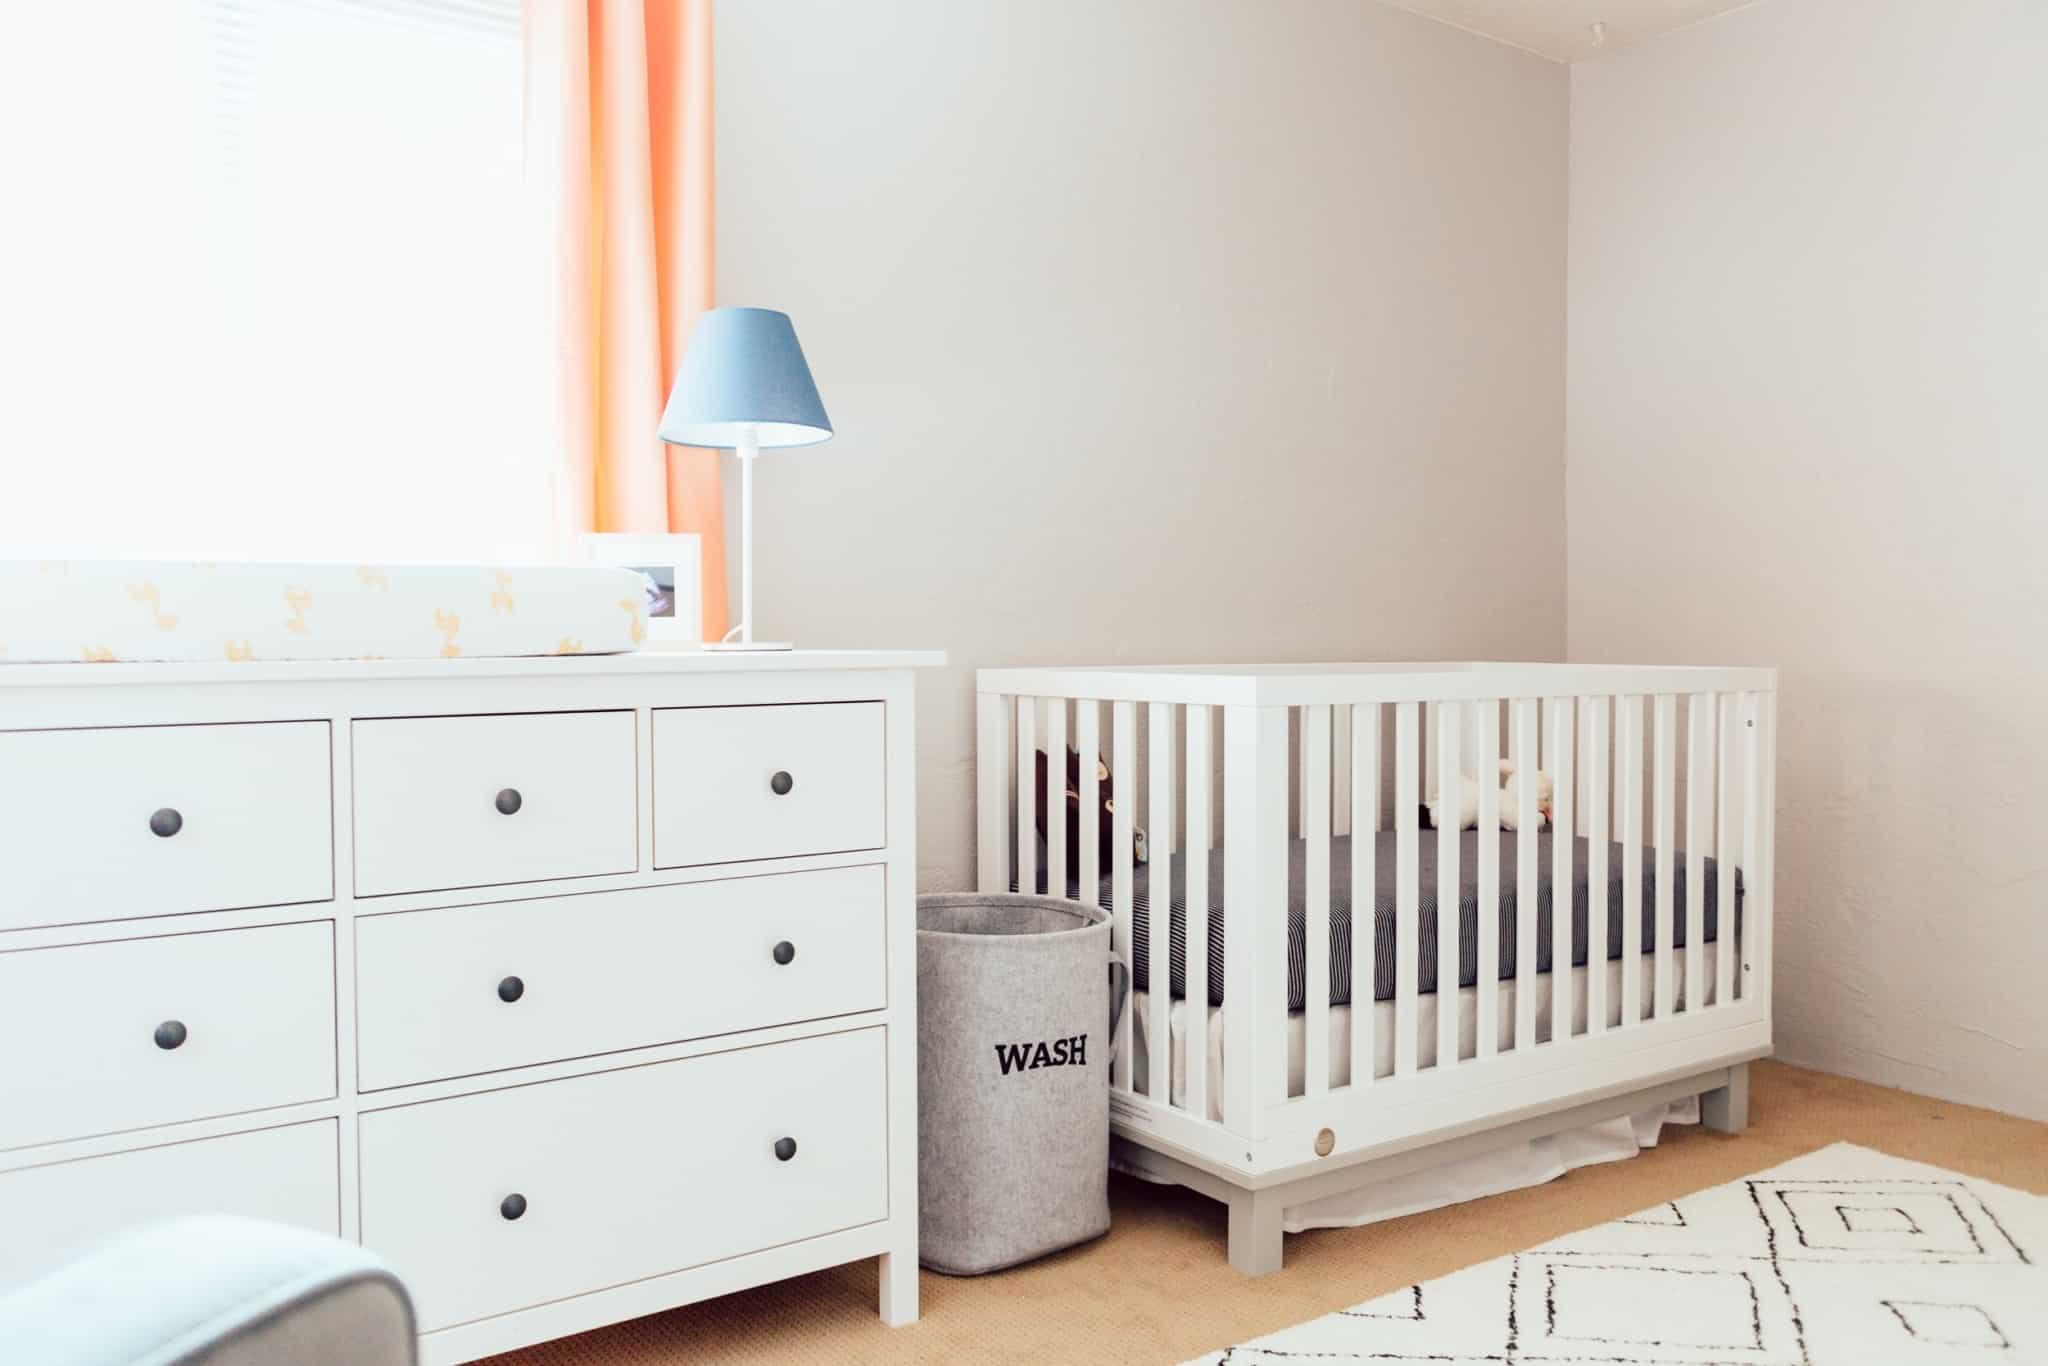 quarto de bebé com muda fraldas e berço branco